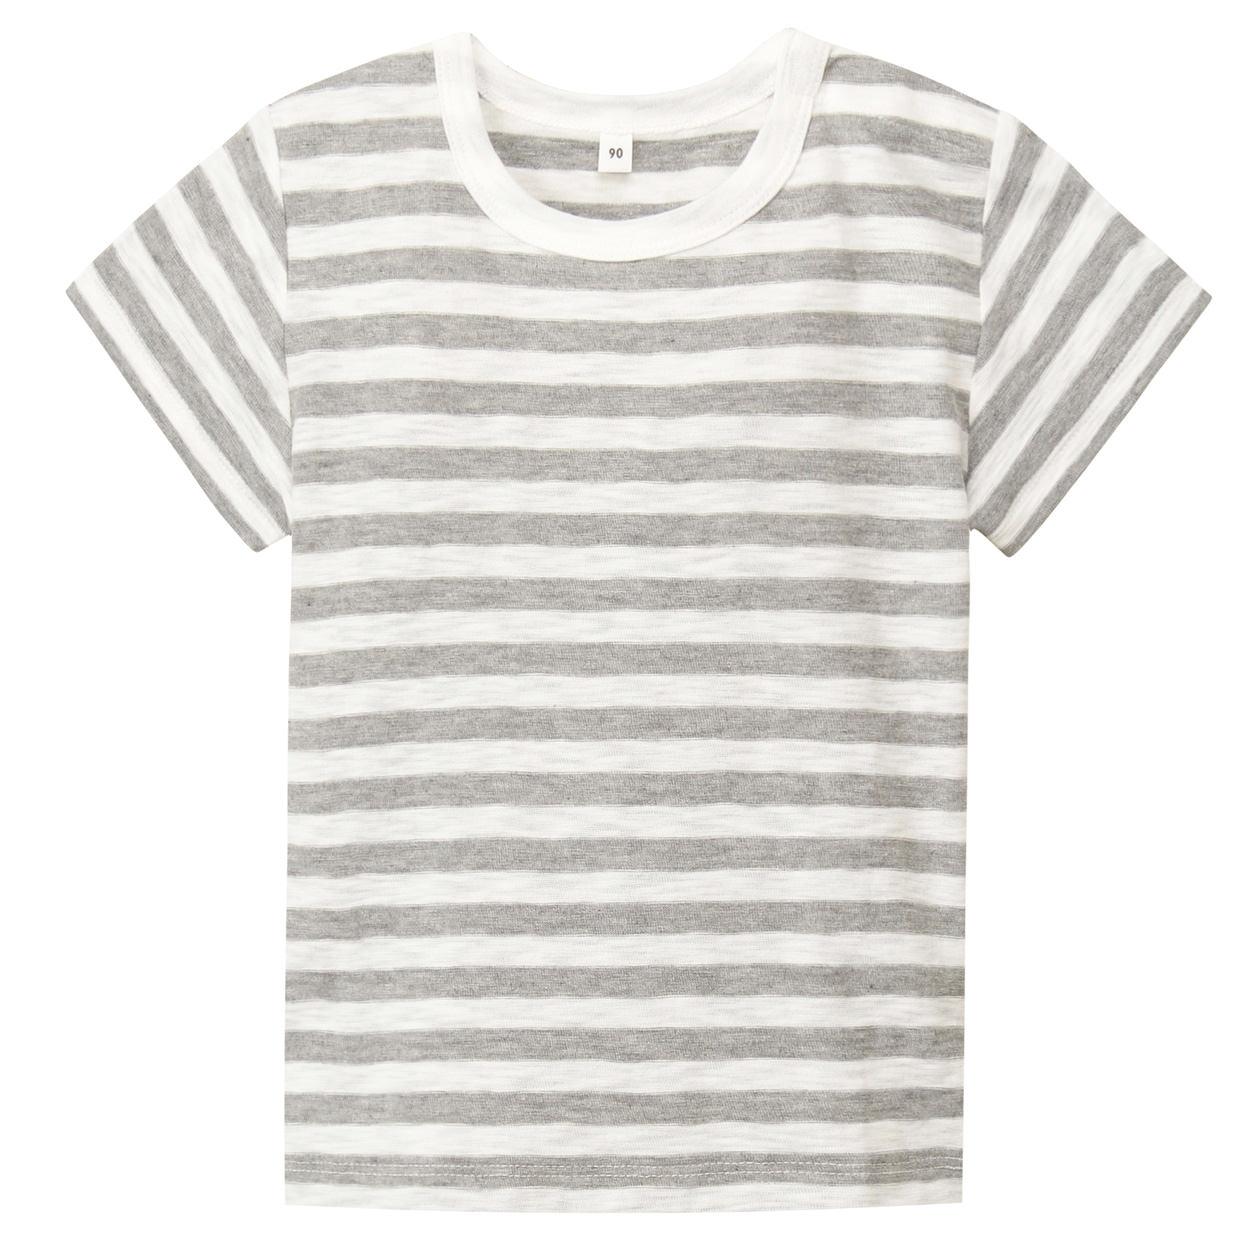 毎日のこども服オーガニックコットンスラブボーダー半袖Tシャツ(ベビー)